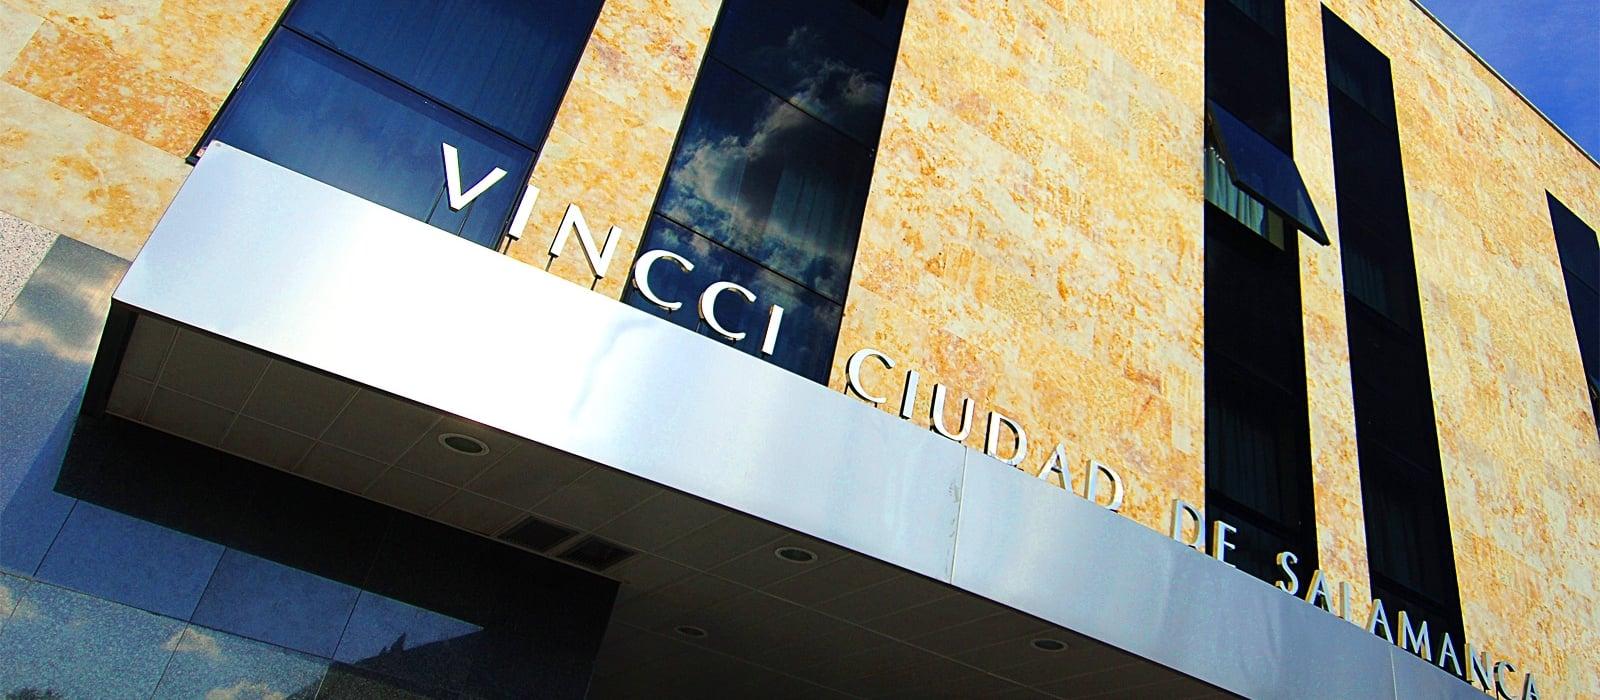 Façade-Hoteles Vincci. Hotel Vincci Ciudad de Salamanca